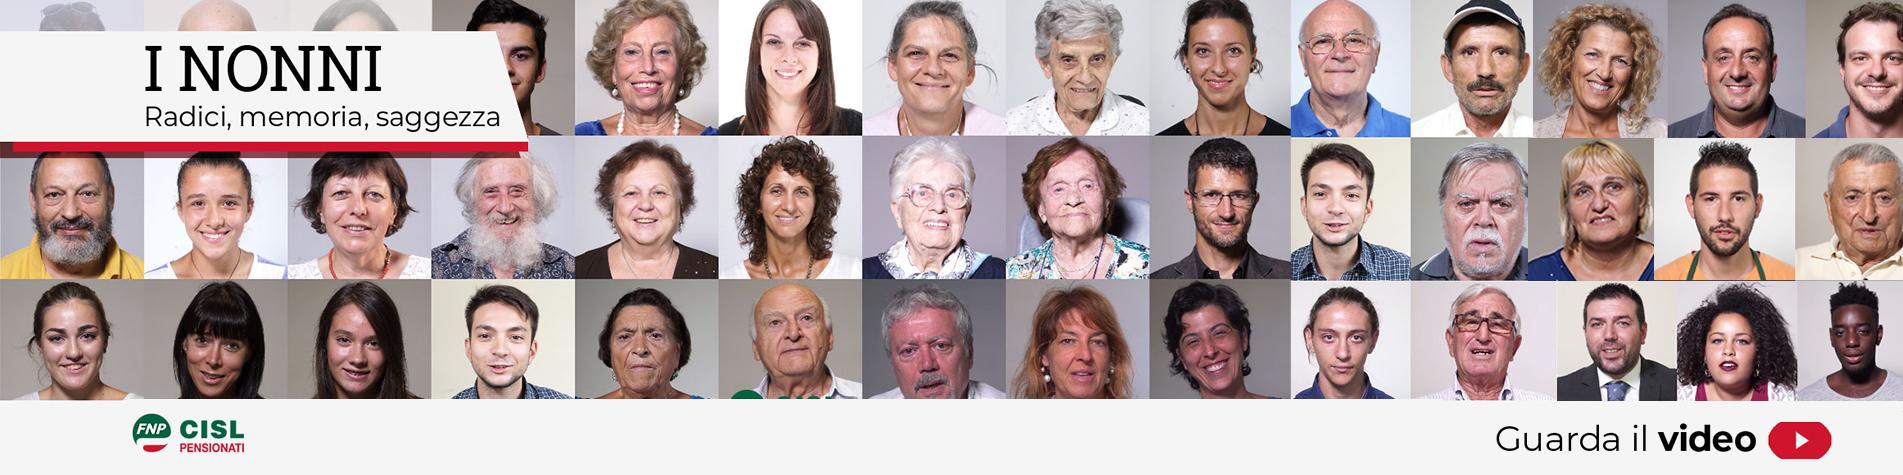 I nonni: radici, memoria, sagezza